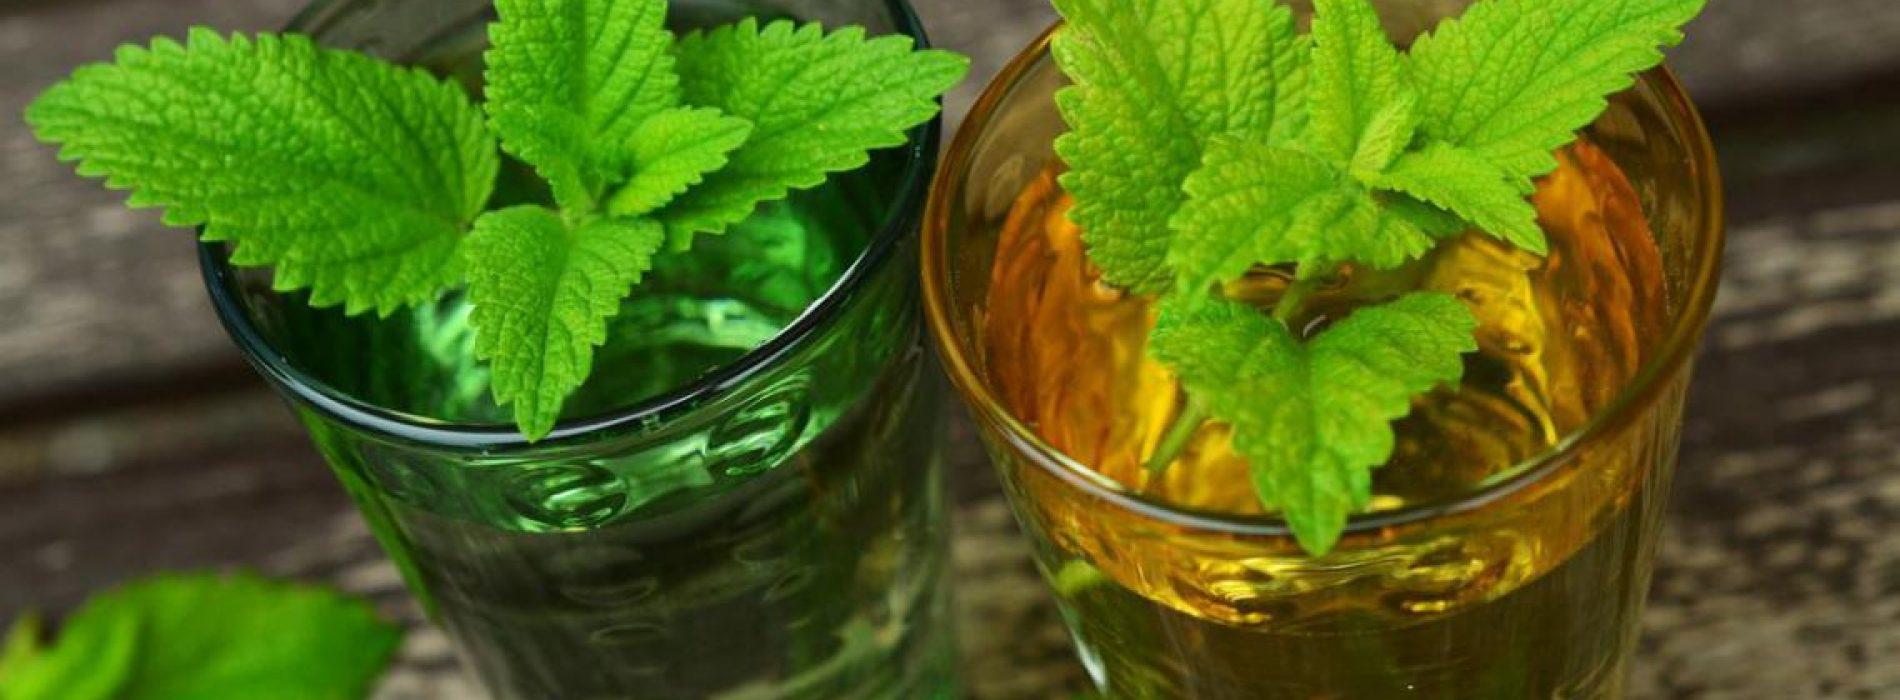 Citroenmelisse Kruid is nuttig voor het verlichten van moeilijk te behandelen pijn, van gordelroos tot menstruatiepijn en meer